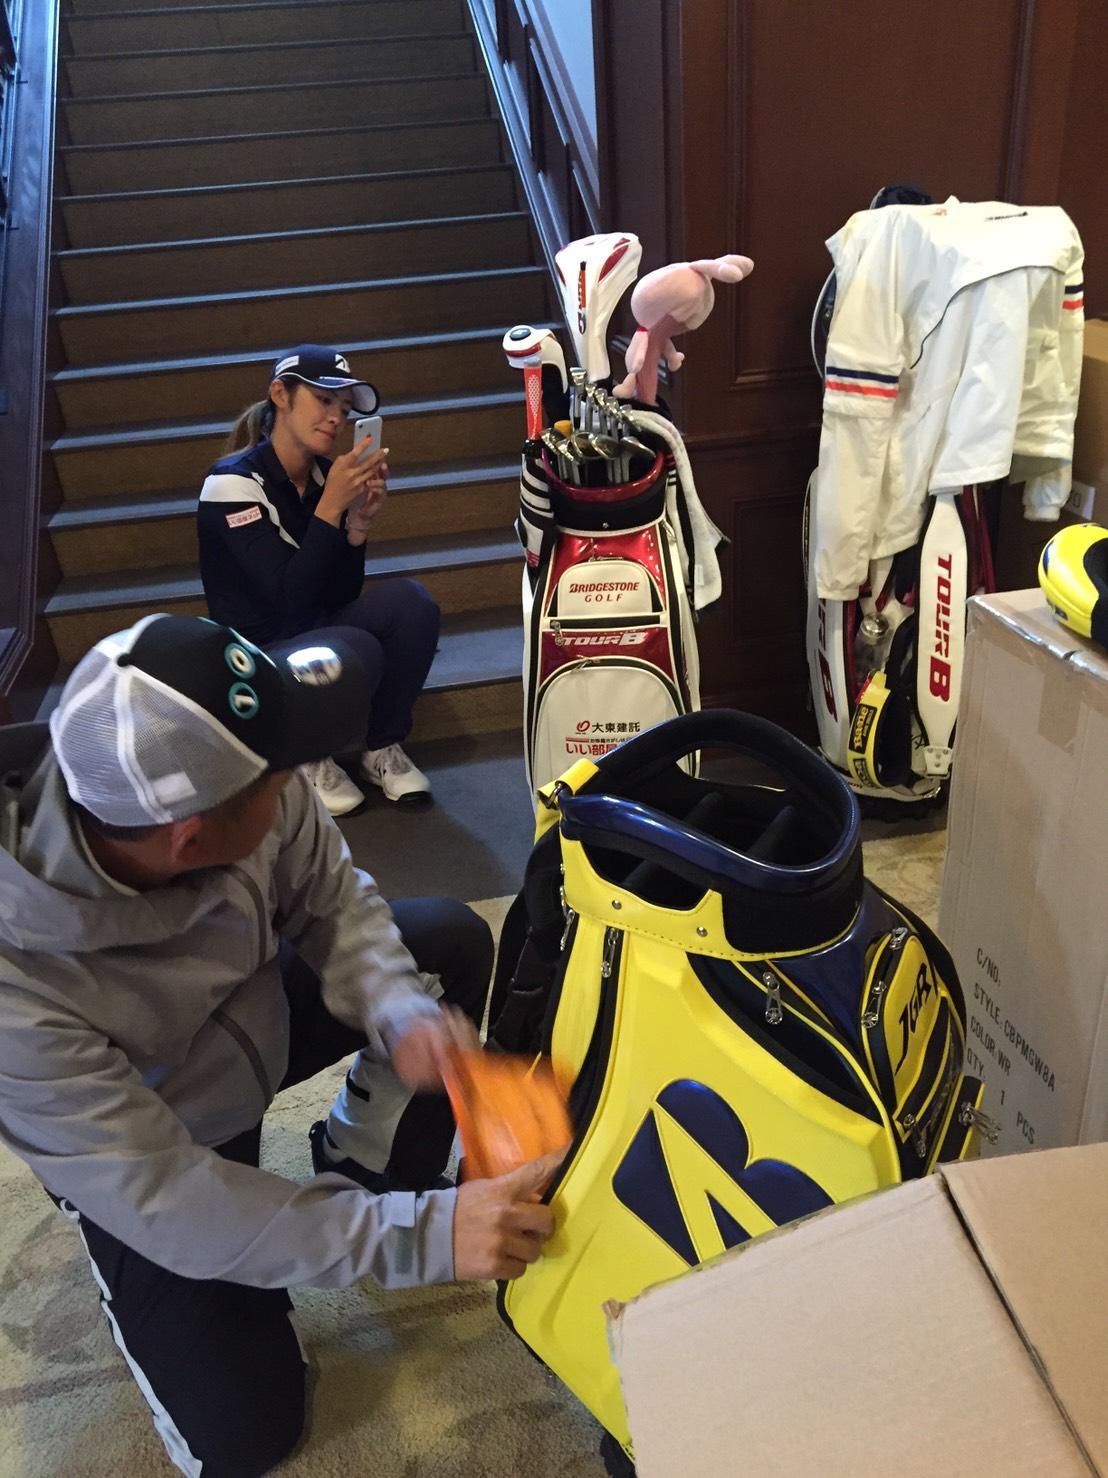 http://www.bs-golf.com/pro/aaf418dc13b86013e1831591121c2d23fee8f3ec.JPG